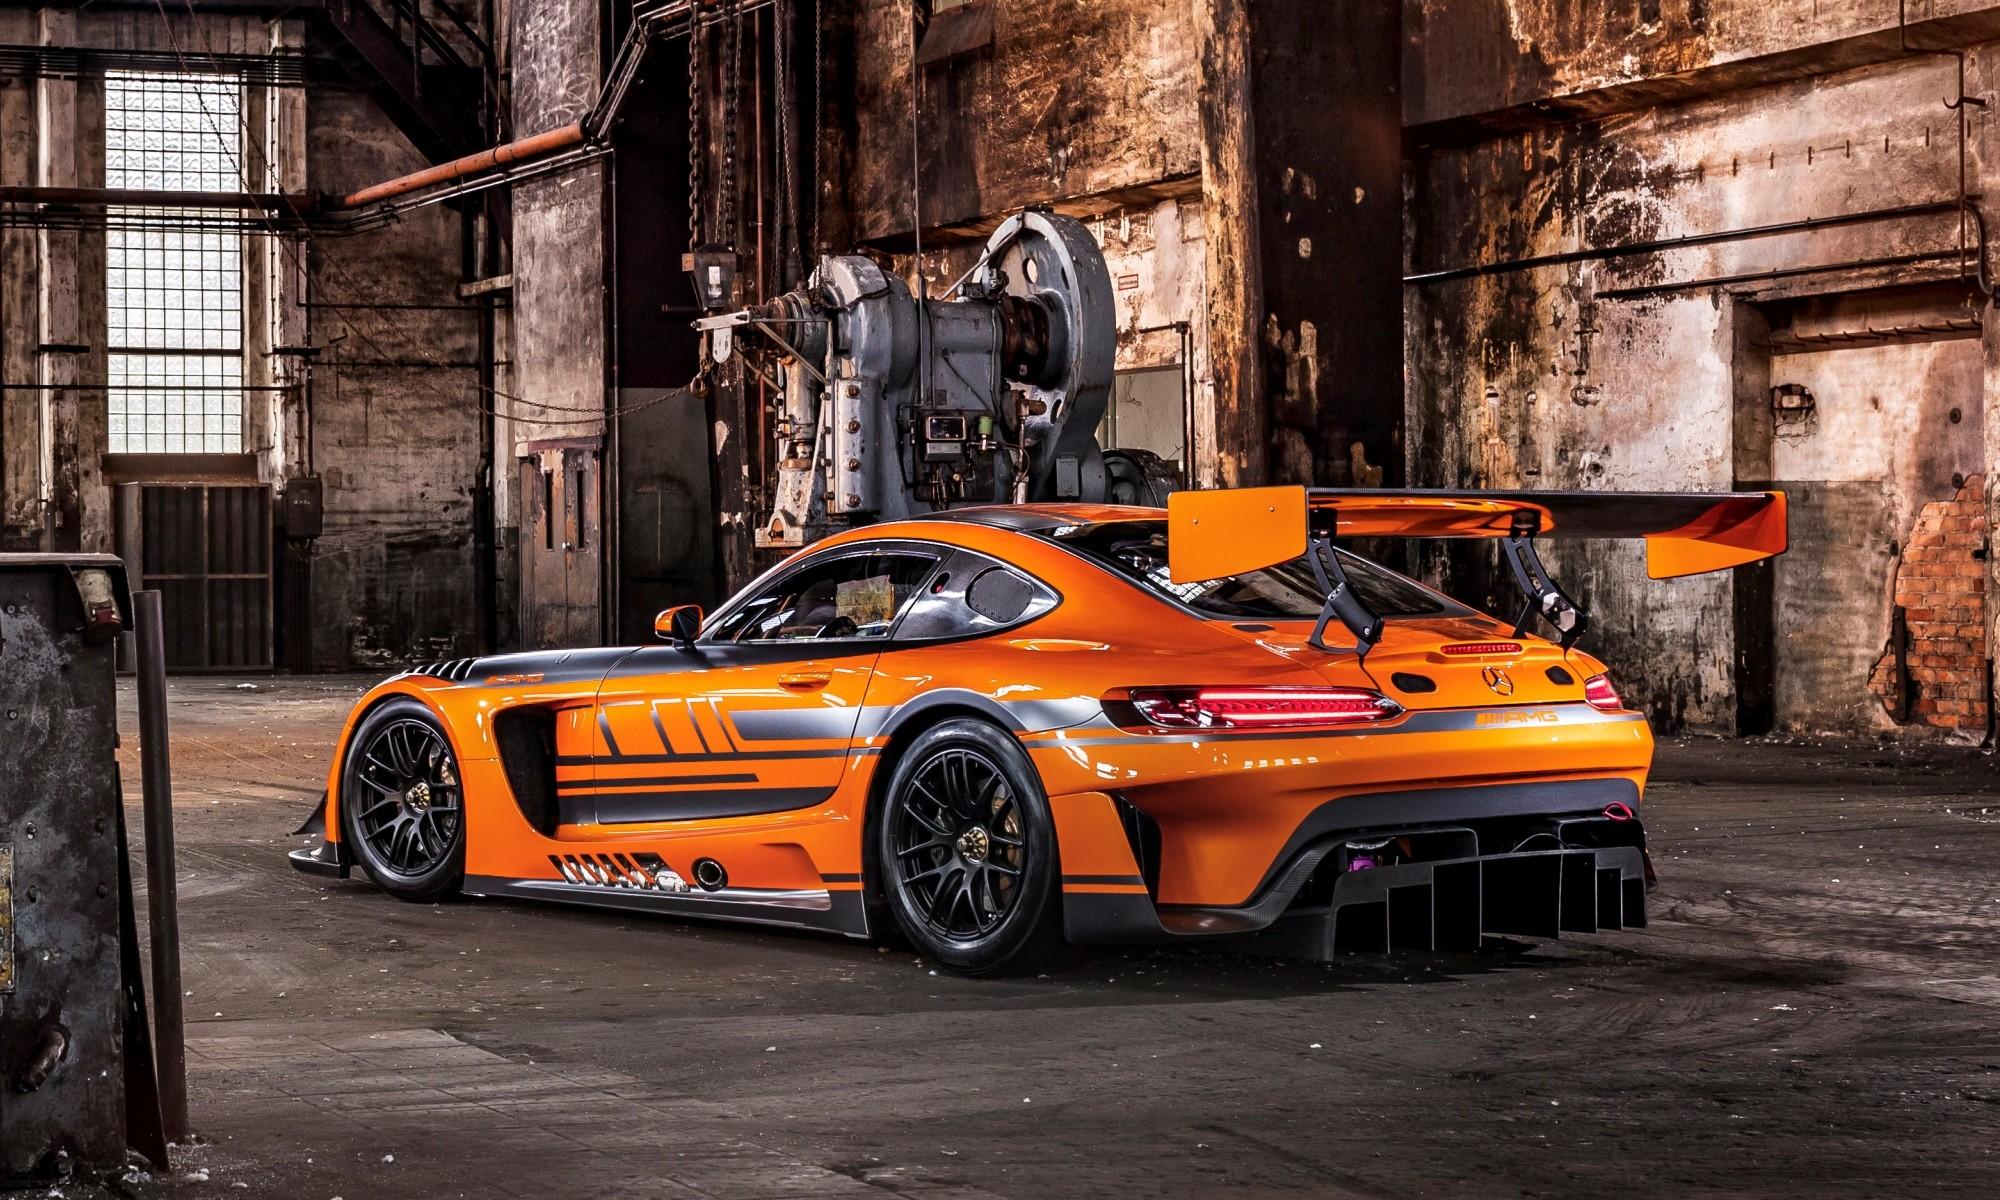 Mercedes-AMG GT3 rear